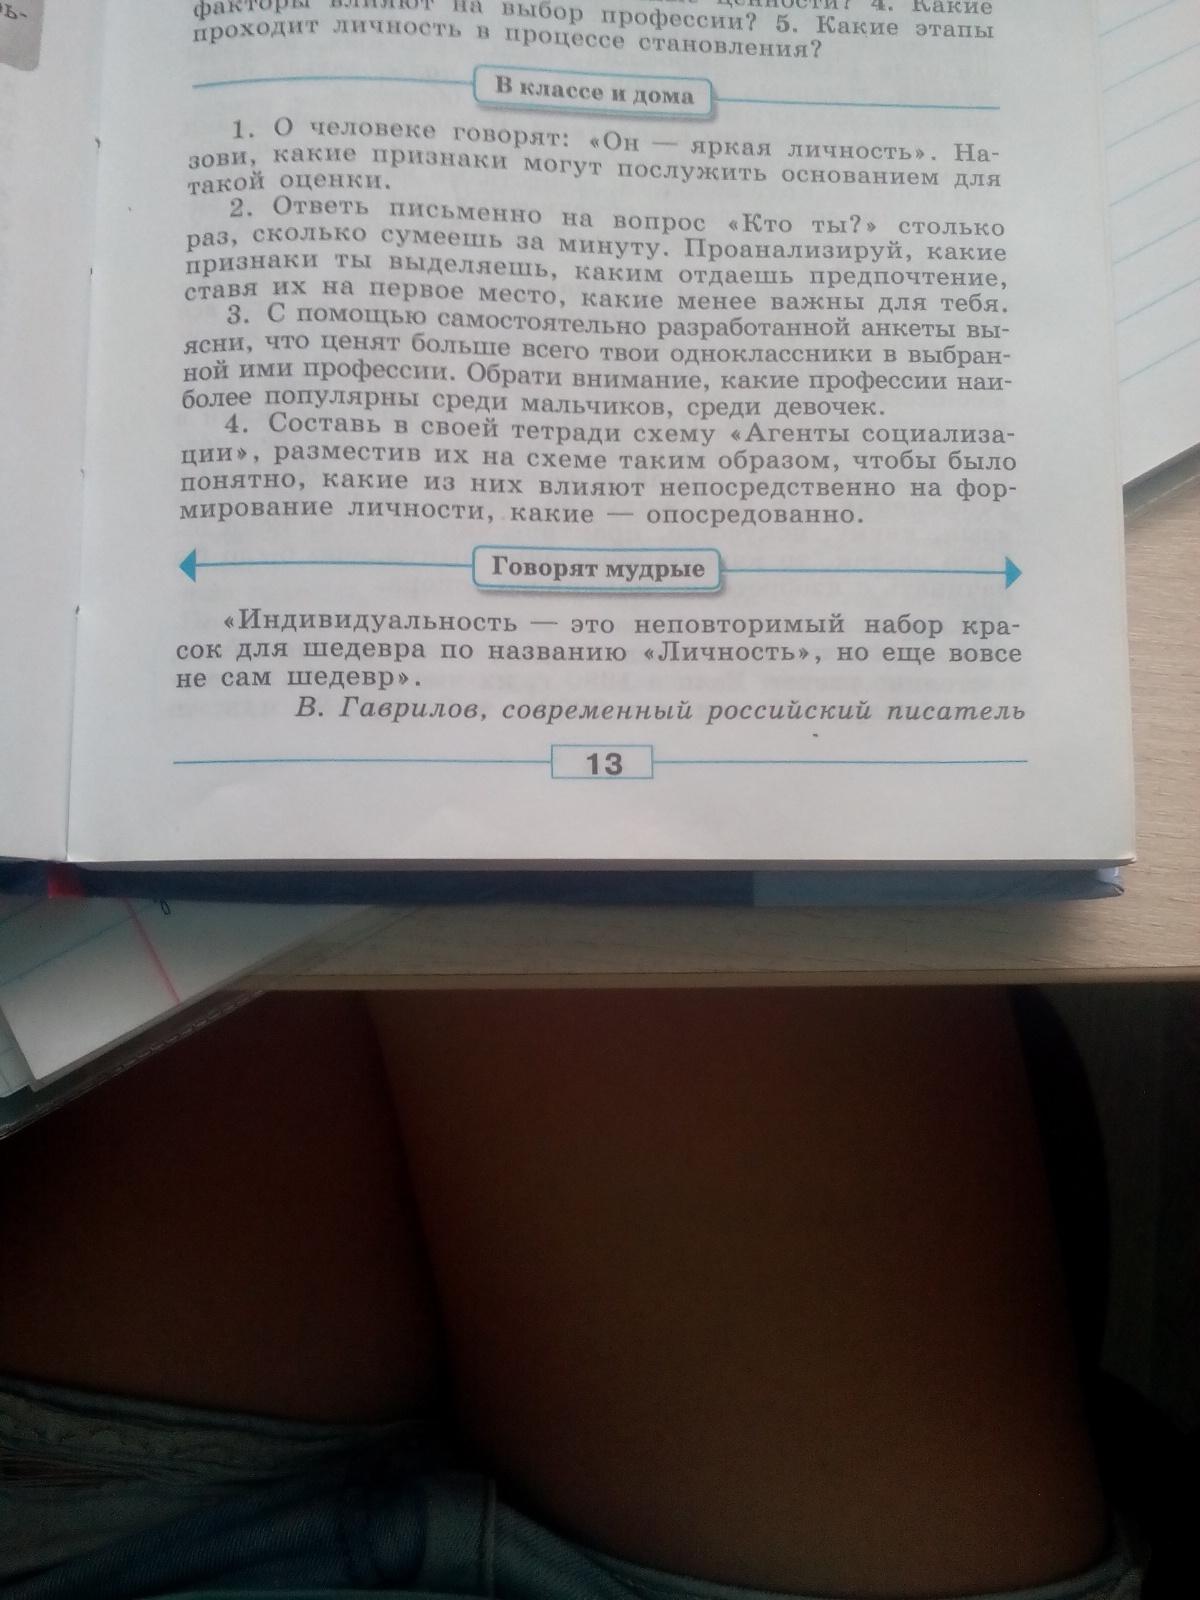 Эссе на слова гаврилова индивидуальность 2142